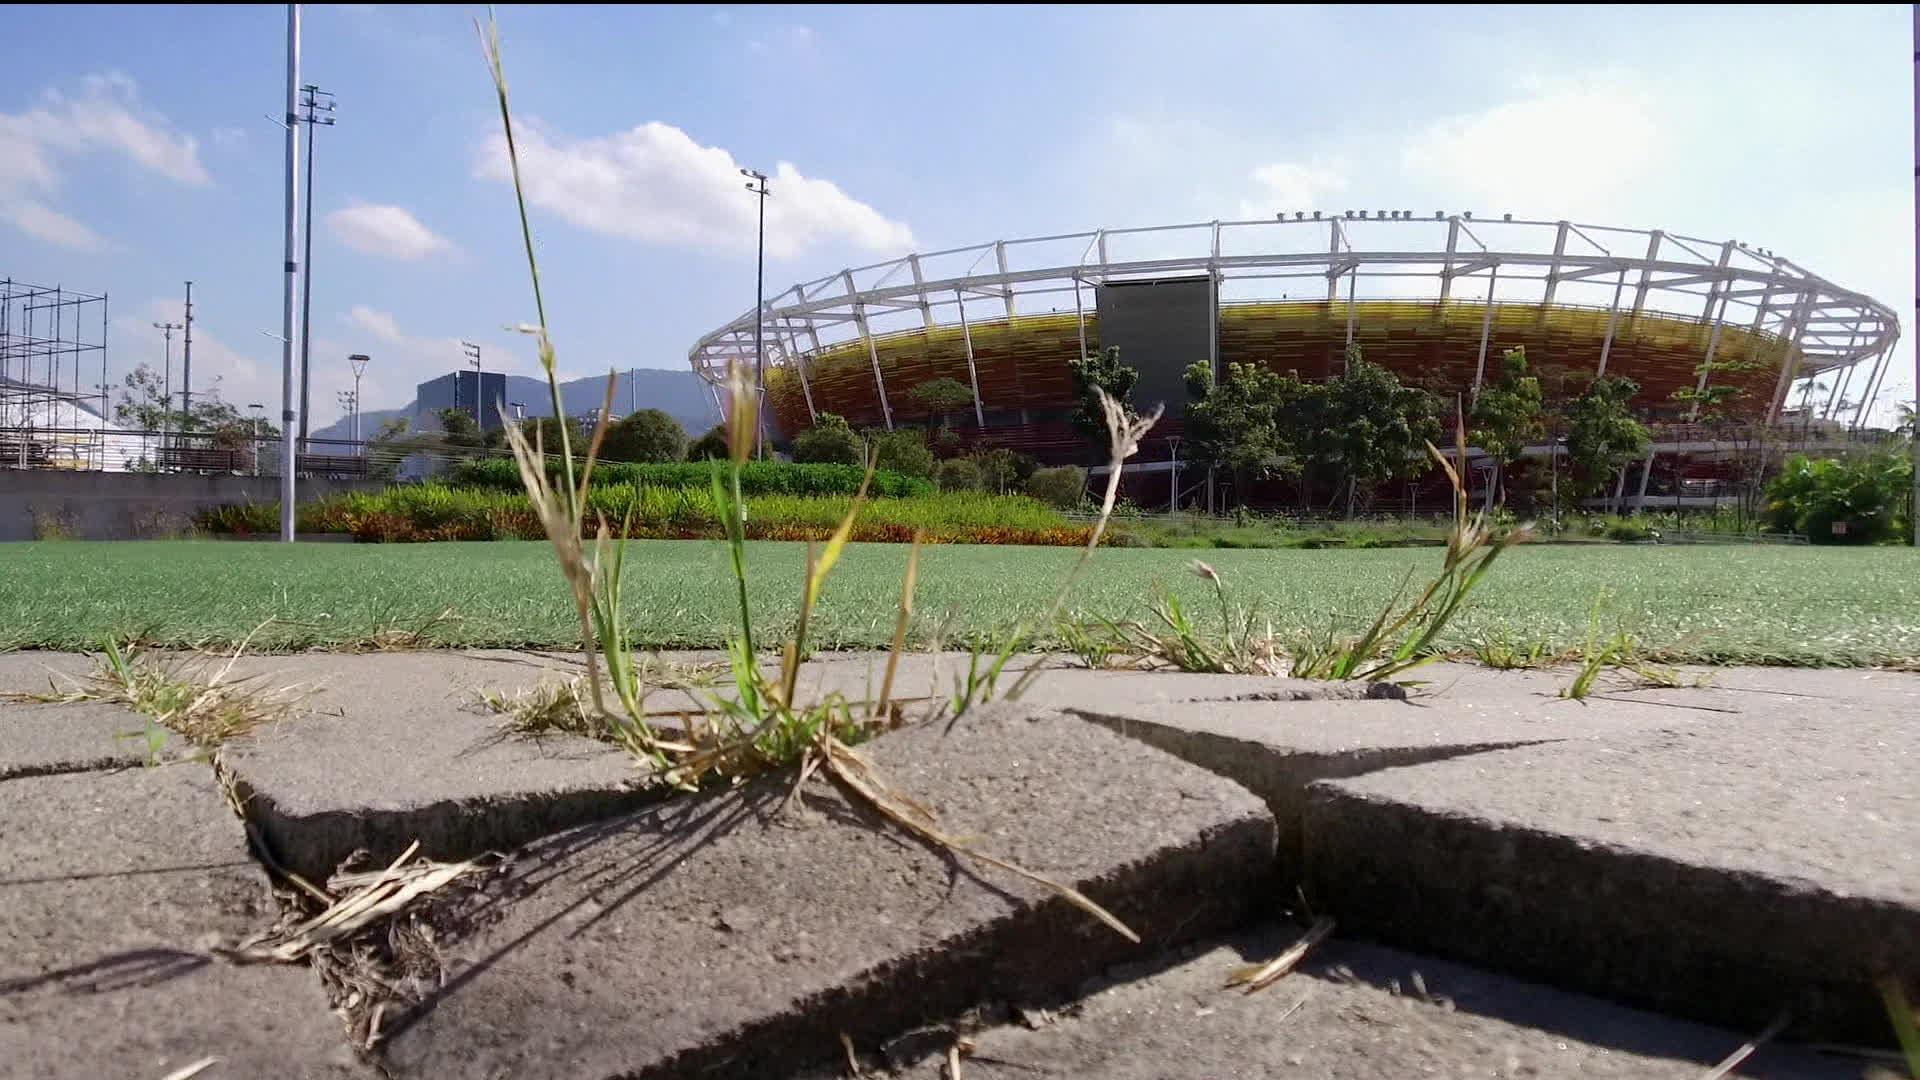 MPF pede à Justiça que proíba eventos no Parque Olímpico e em outras instalações da Rio 2016 - Notícias - Plantão Diário